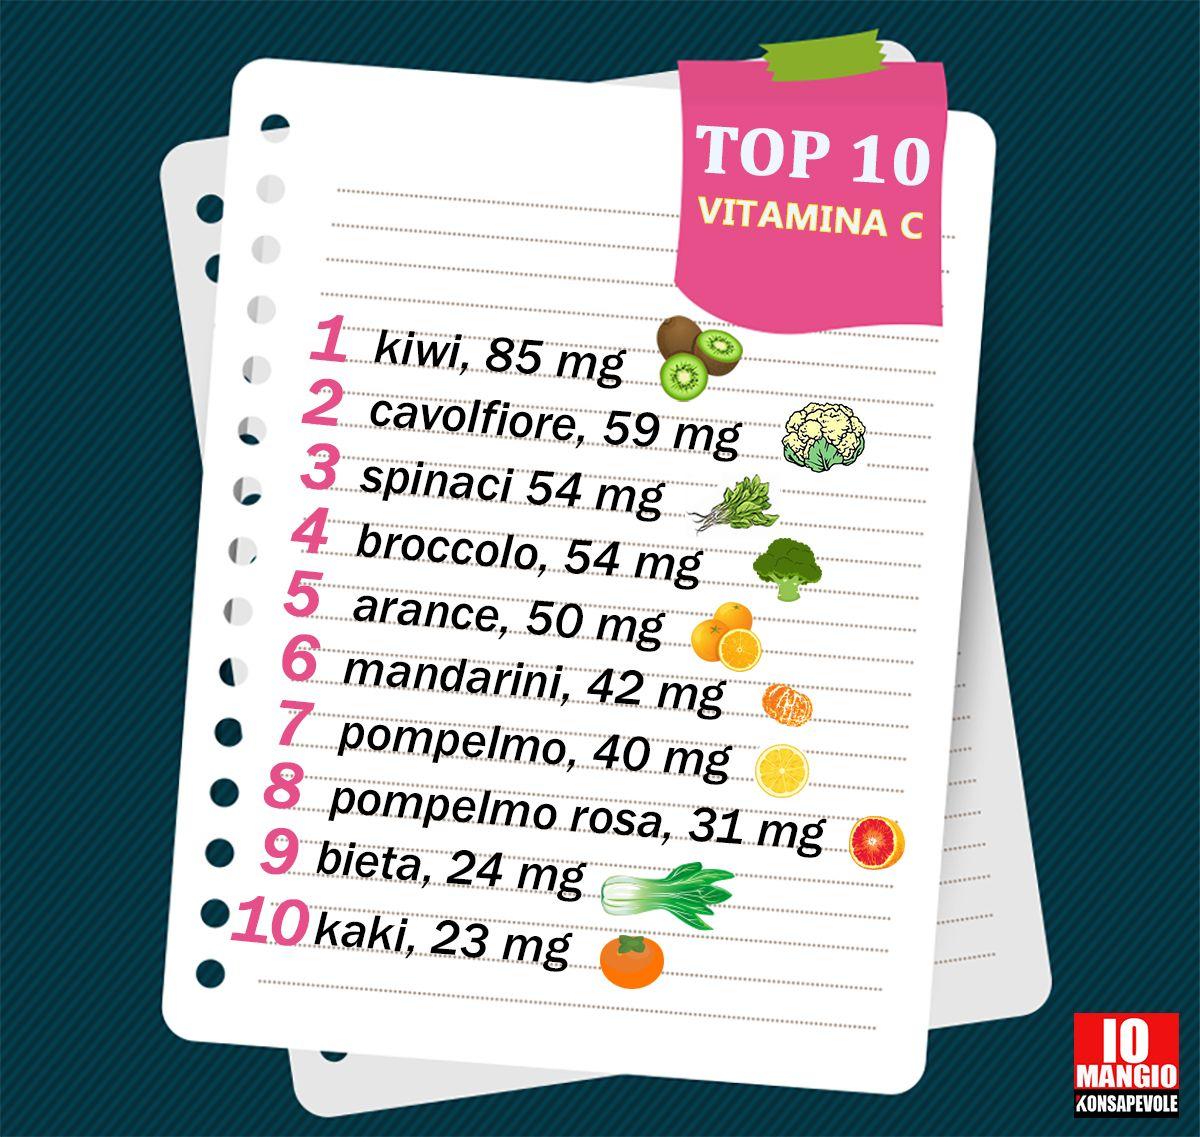 Vitamina C: l'arancia non è in prima posizione ;) #arancia #vitaminac #falsimiti